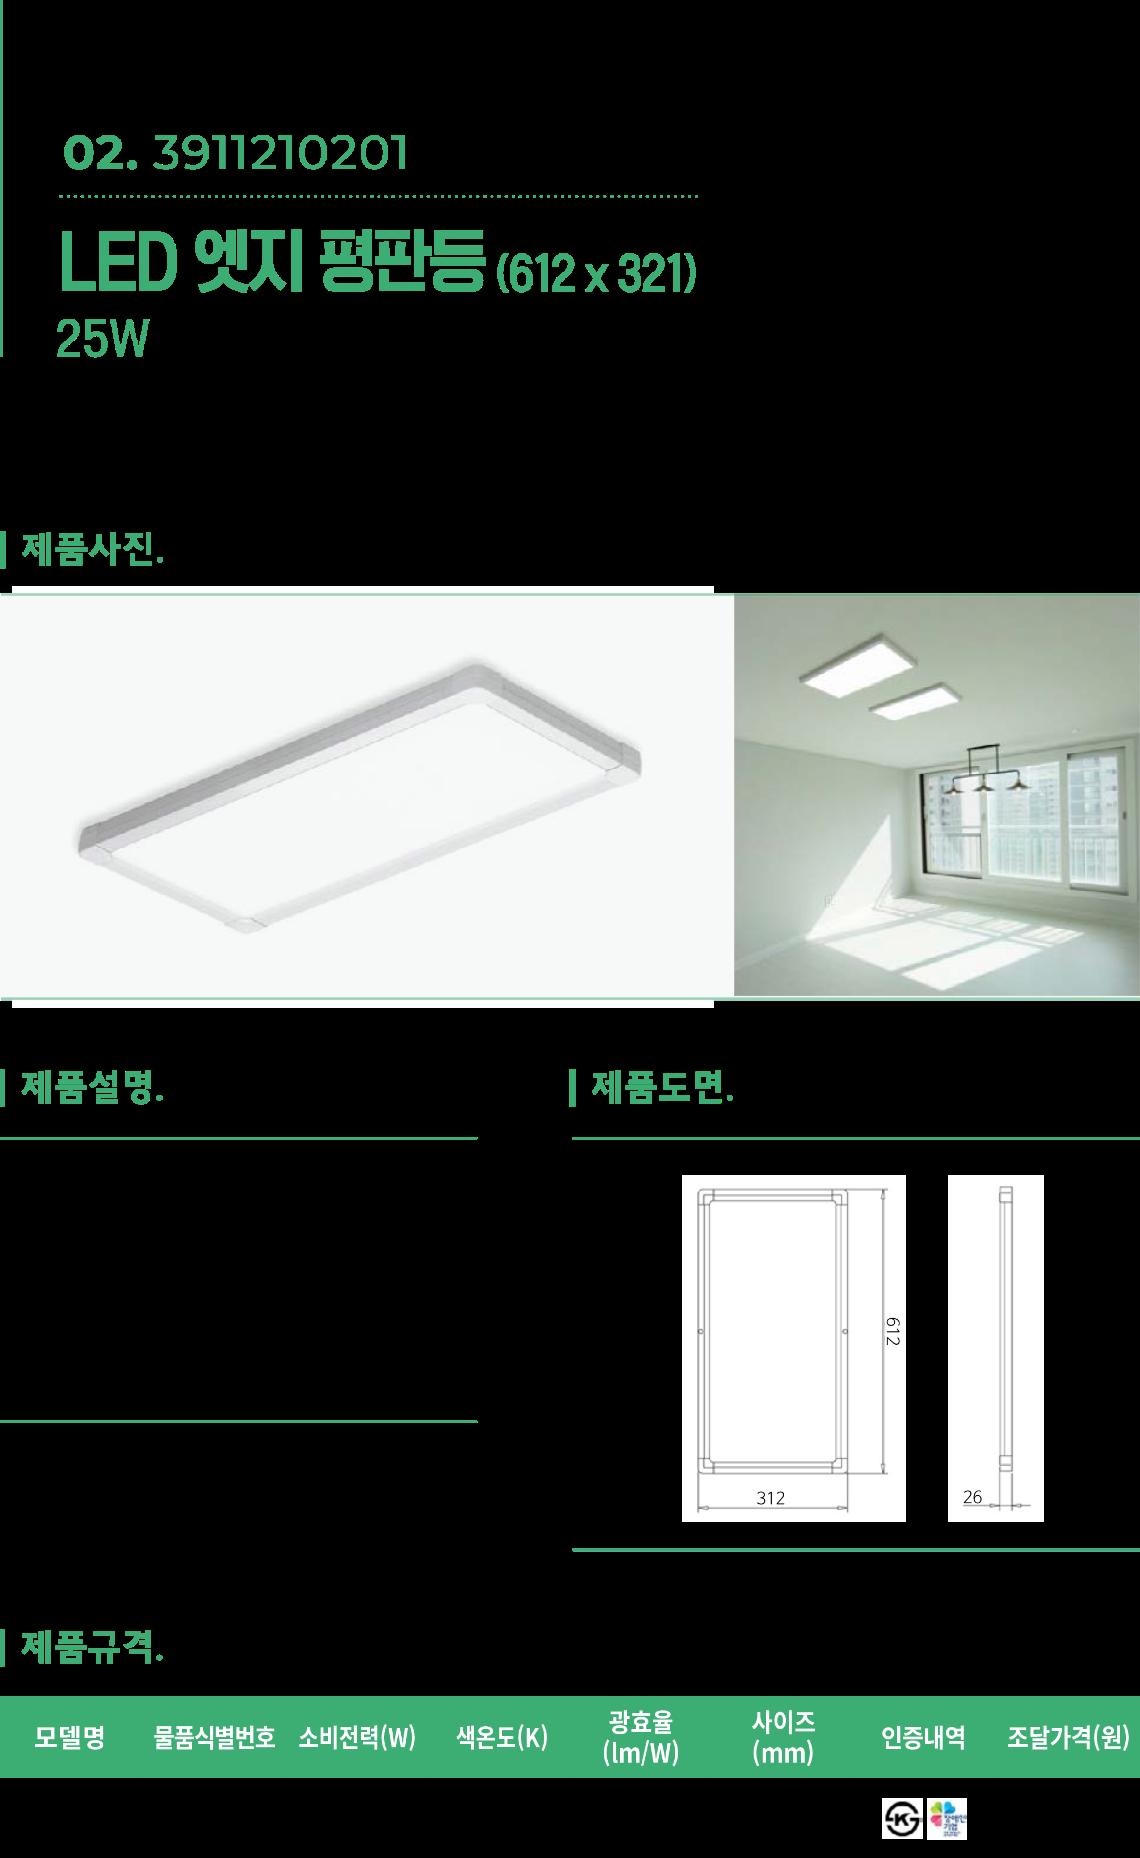 LED-엣지-평판등-612-25w.png